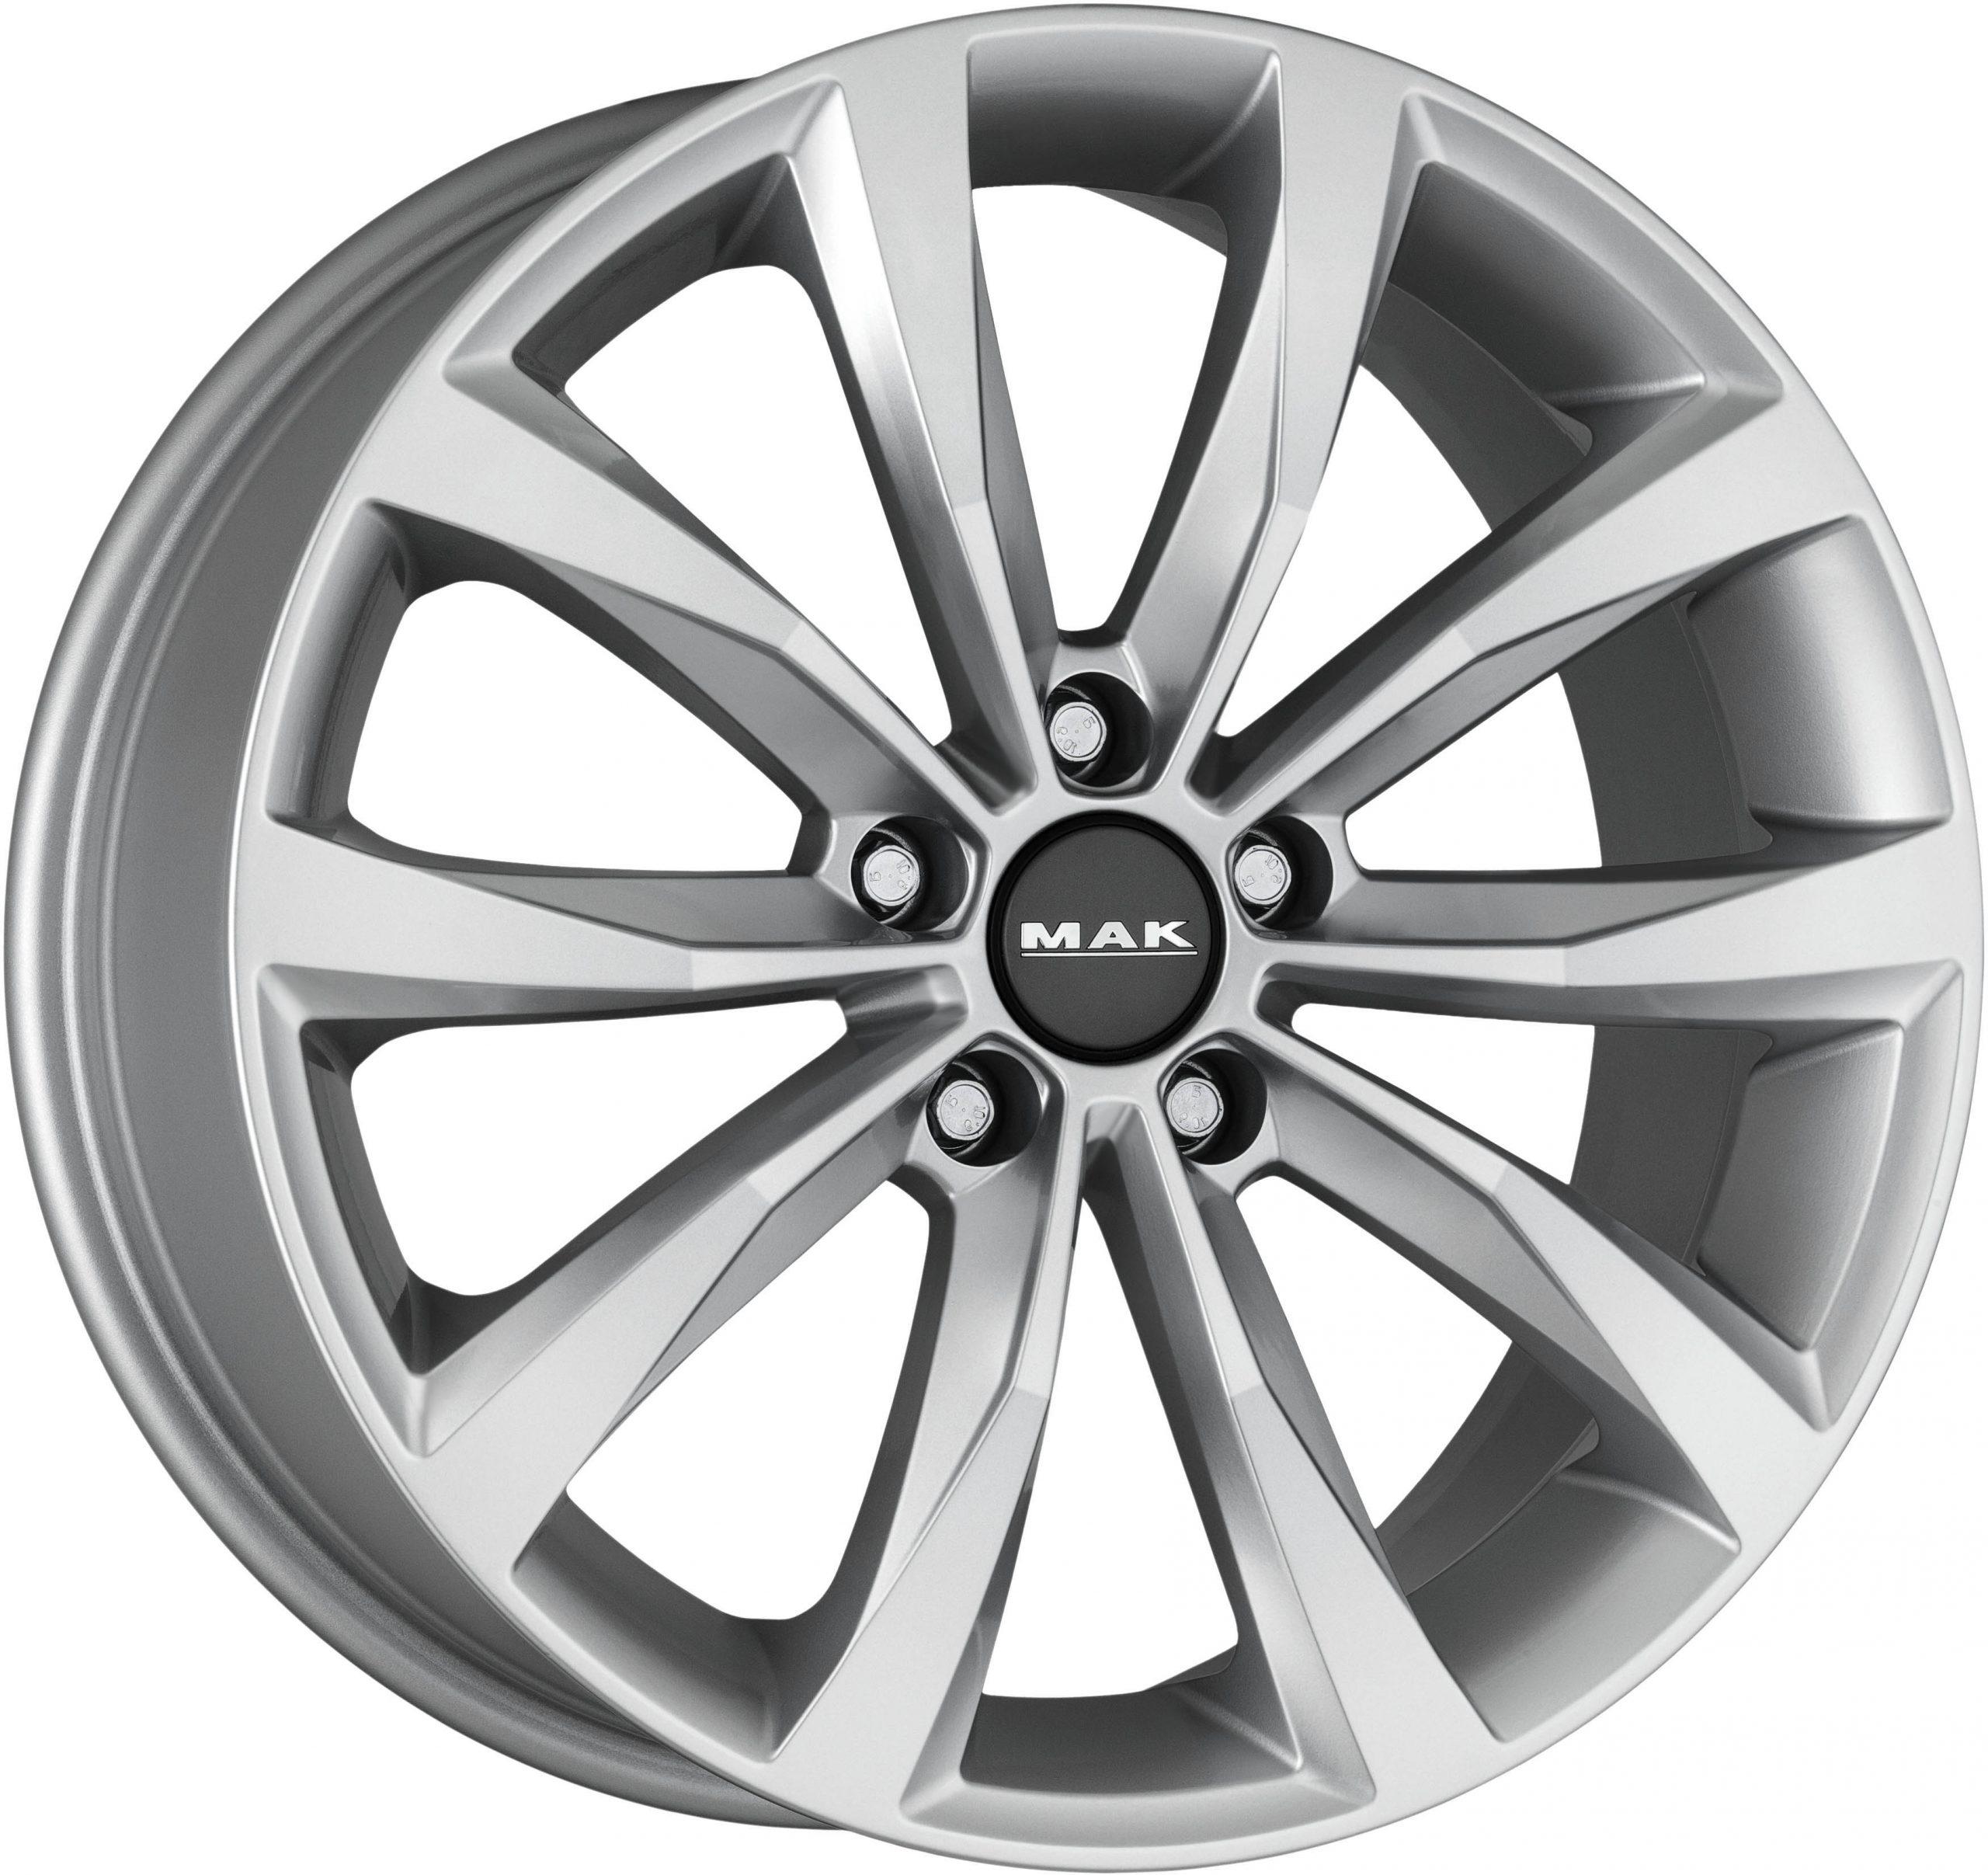 Alloy Wheels, Steel